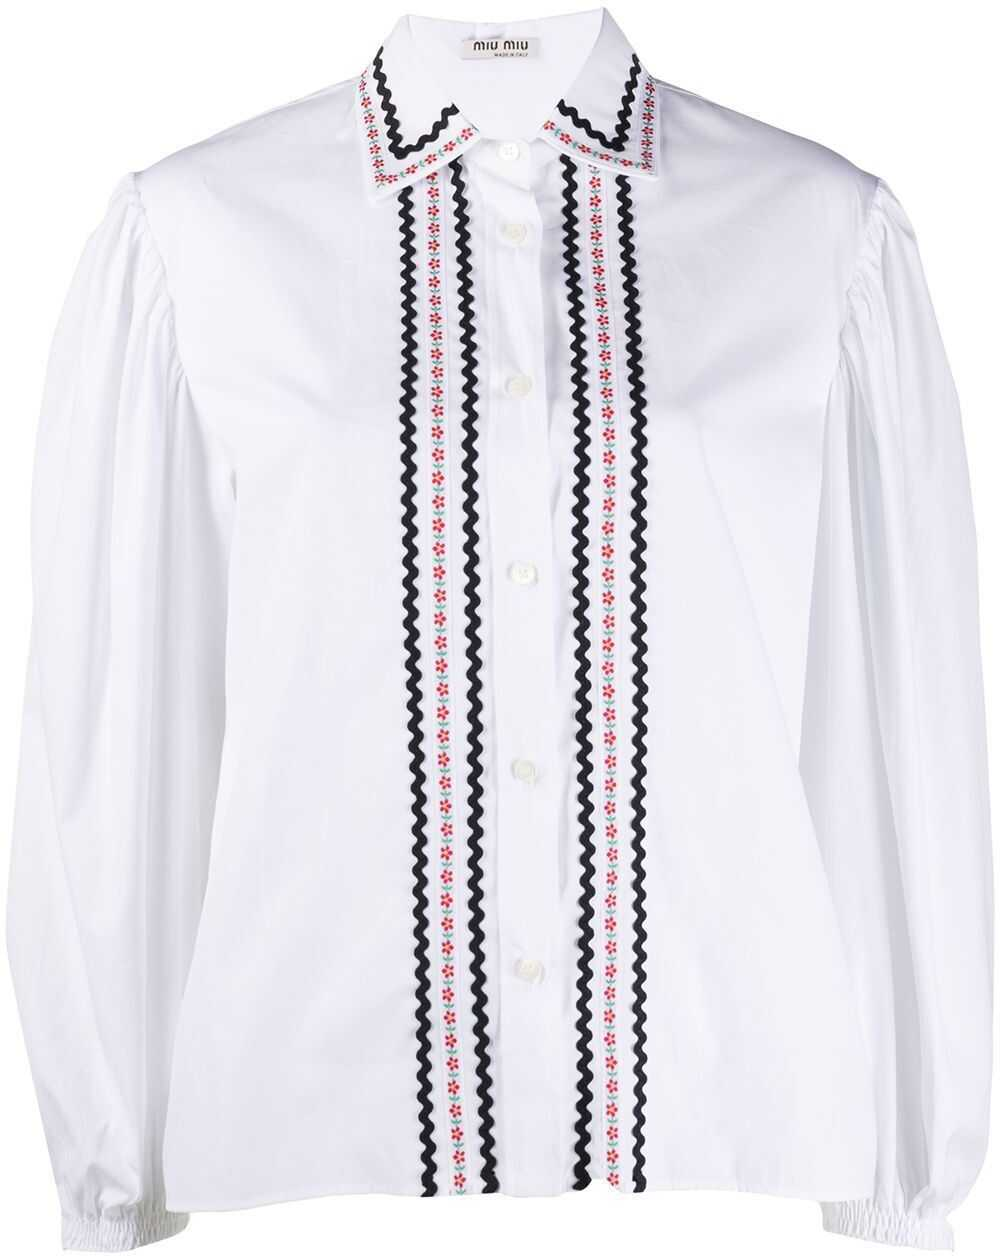 Miu Miu Cotton Shirt WHITE